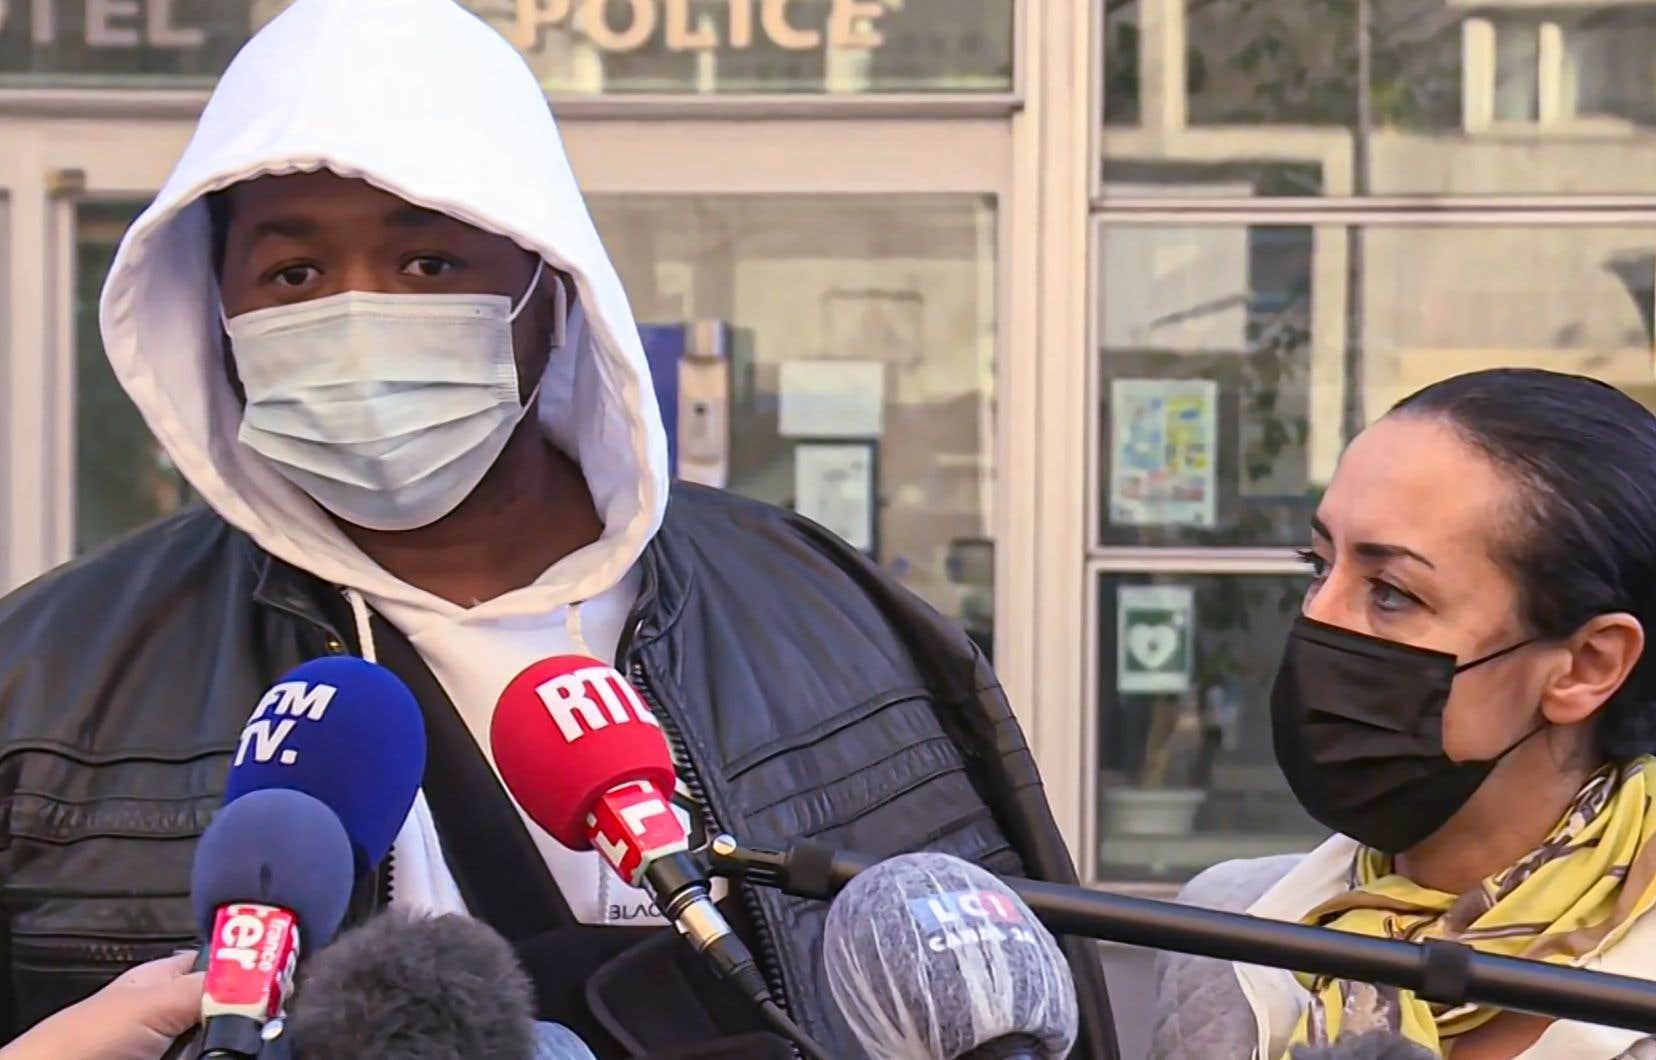 «Des gens qui doivent me protéger m'agressent […], je n'ai rien fait pour mériter ça», a déclaré Michel Zecler devant la presse. «Je veux juste que ces trois personnes soient punies par la loi.»